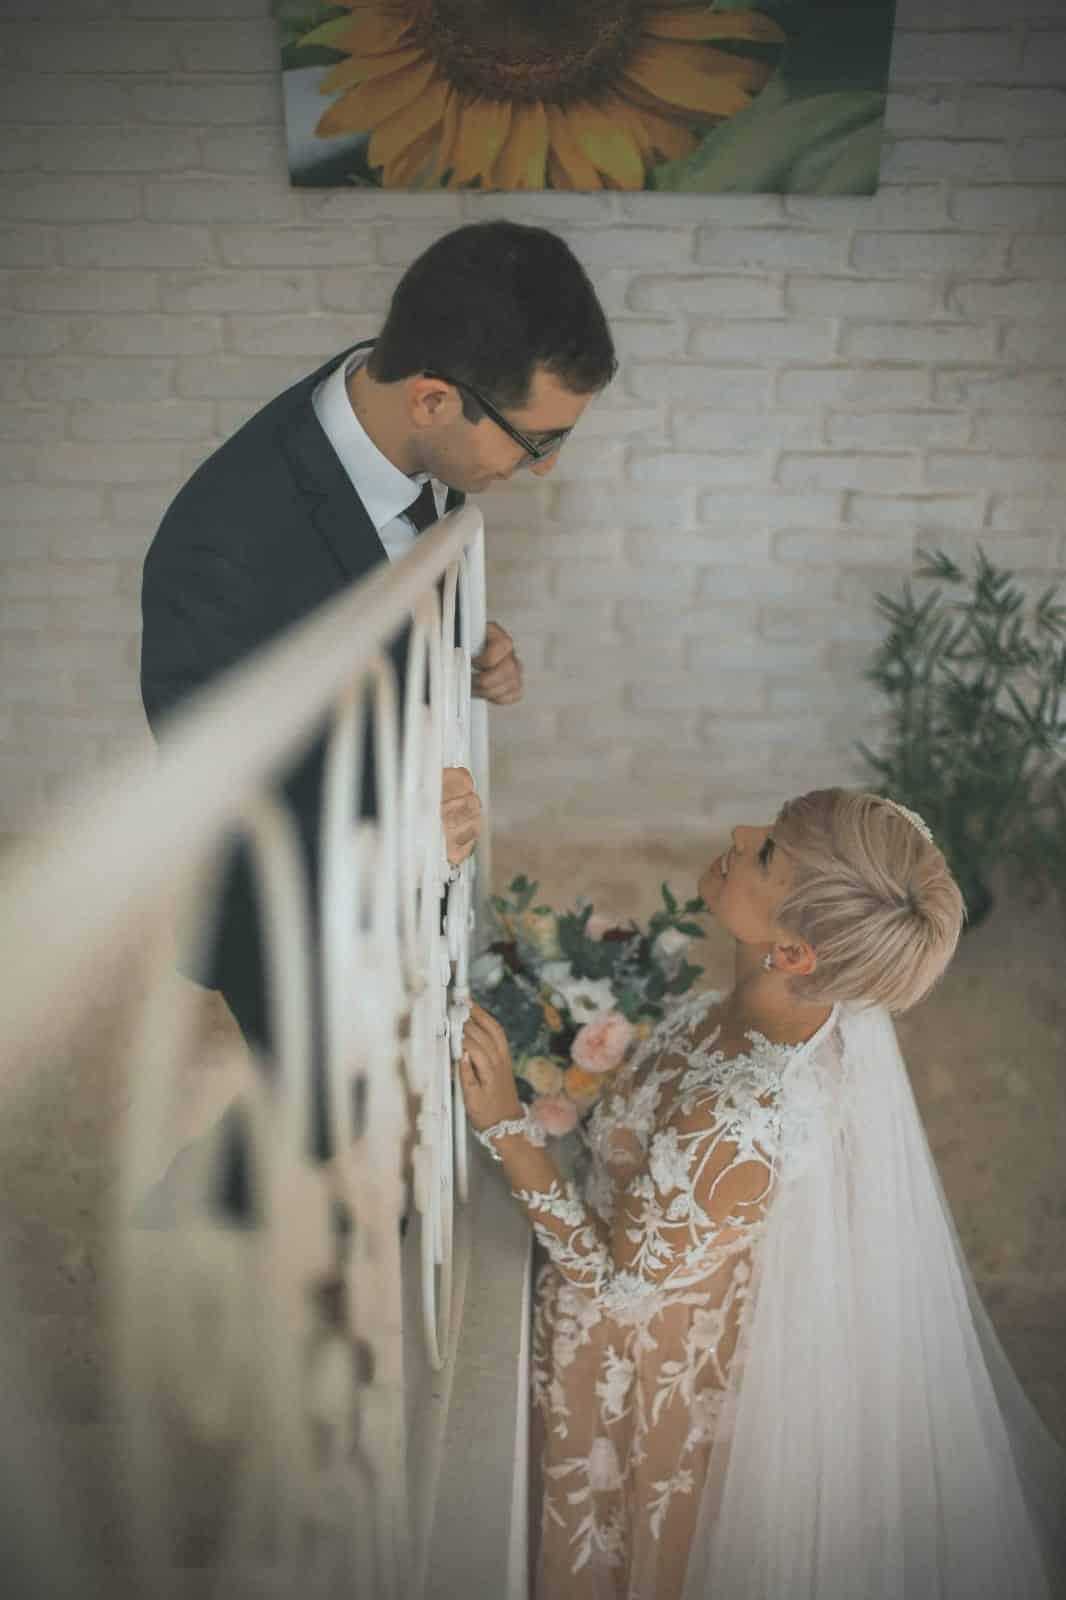 צילומי חתונה - גרייס אירועים